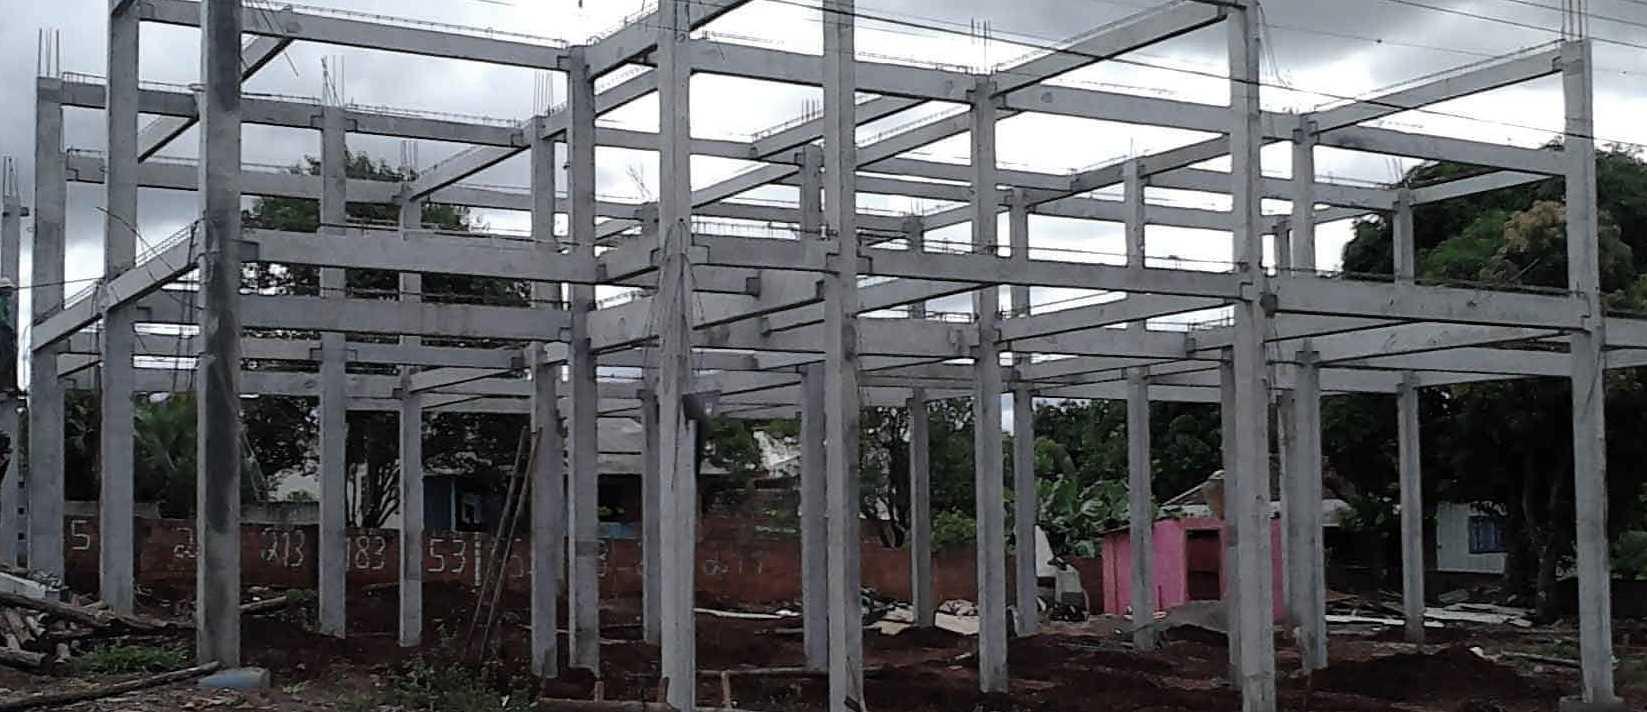 Construtora de galpão pré-moldado em São Bernardo do Campo